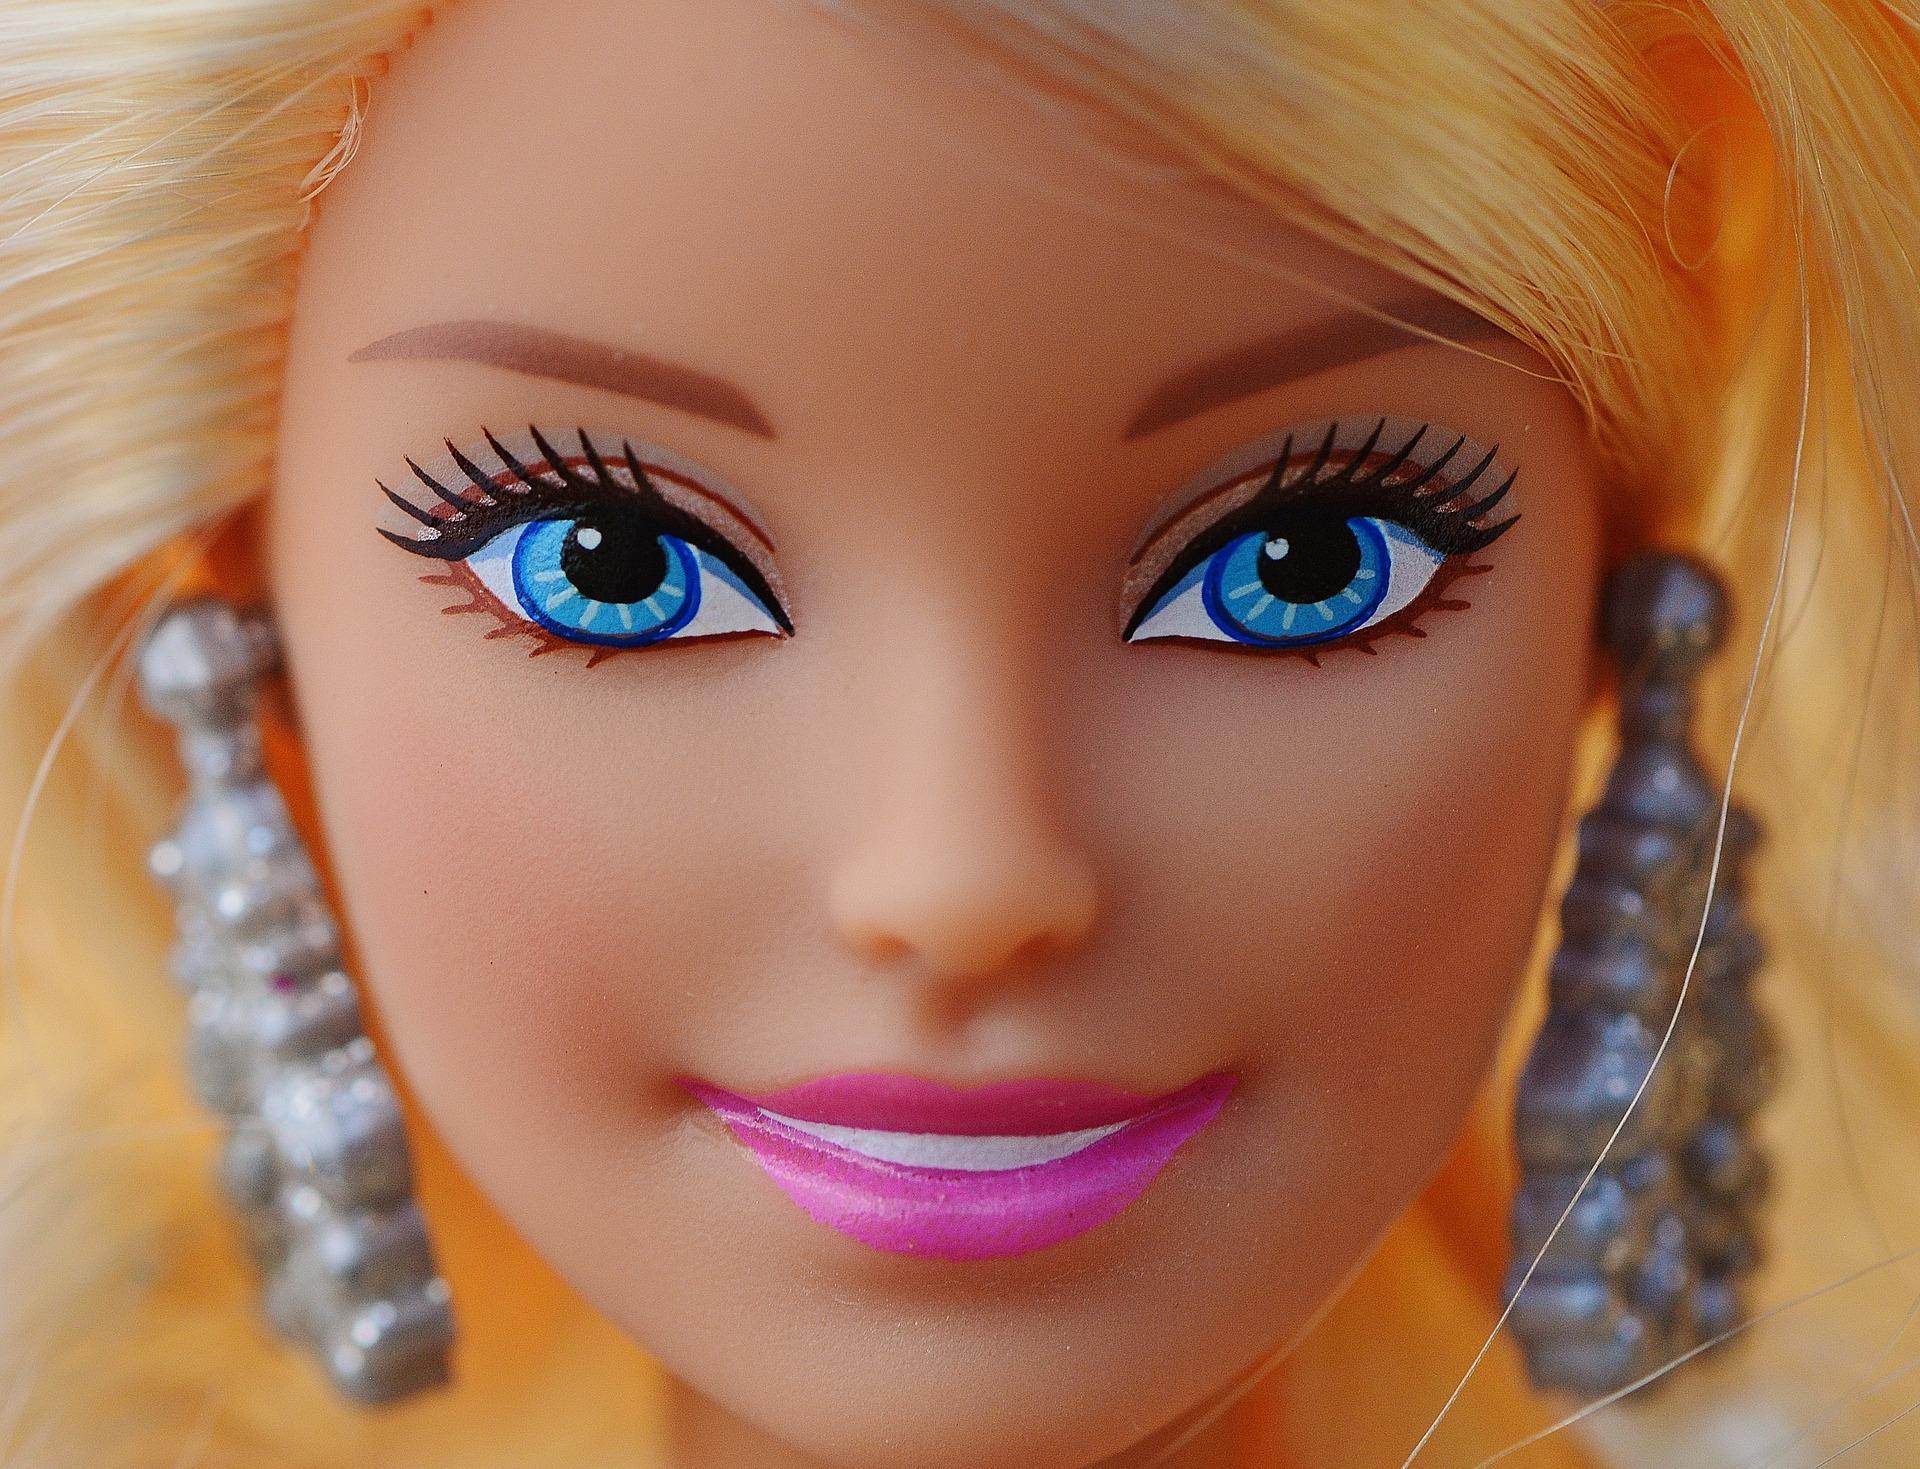 Mit einem Barbie-Kostüm auf die Faschingsparty auf gutshausblog.de